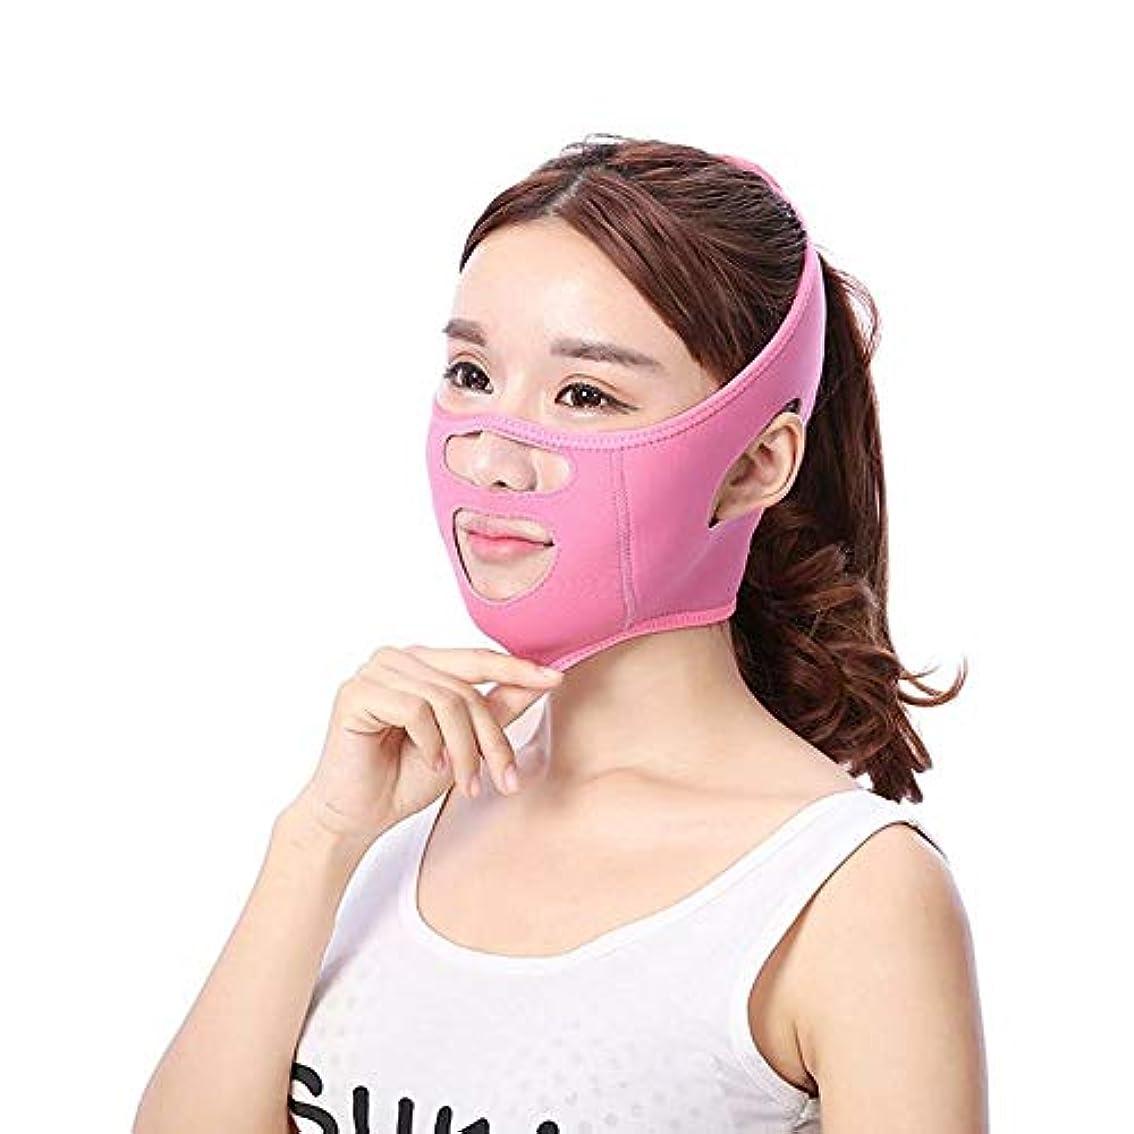 数字レッドデートラッカスGYZ シンフェイスアーティファクトリフティング引き締めフェイス睡眠包帯フェイシャルリフティングアンチ垂れ下がり法律パターンステッカー8ワード口角 - ピンク Thin Face Belt